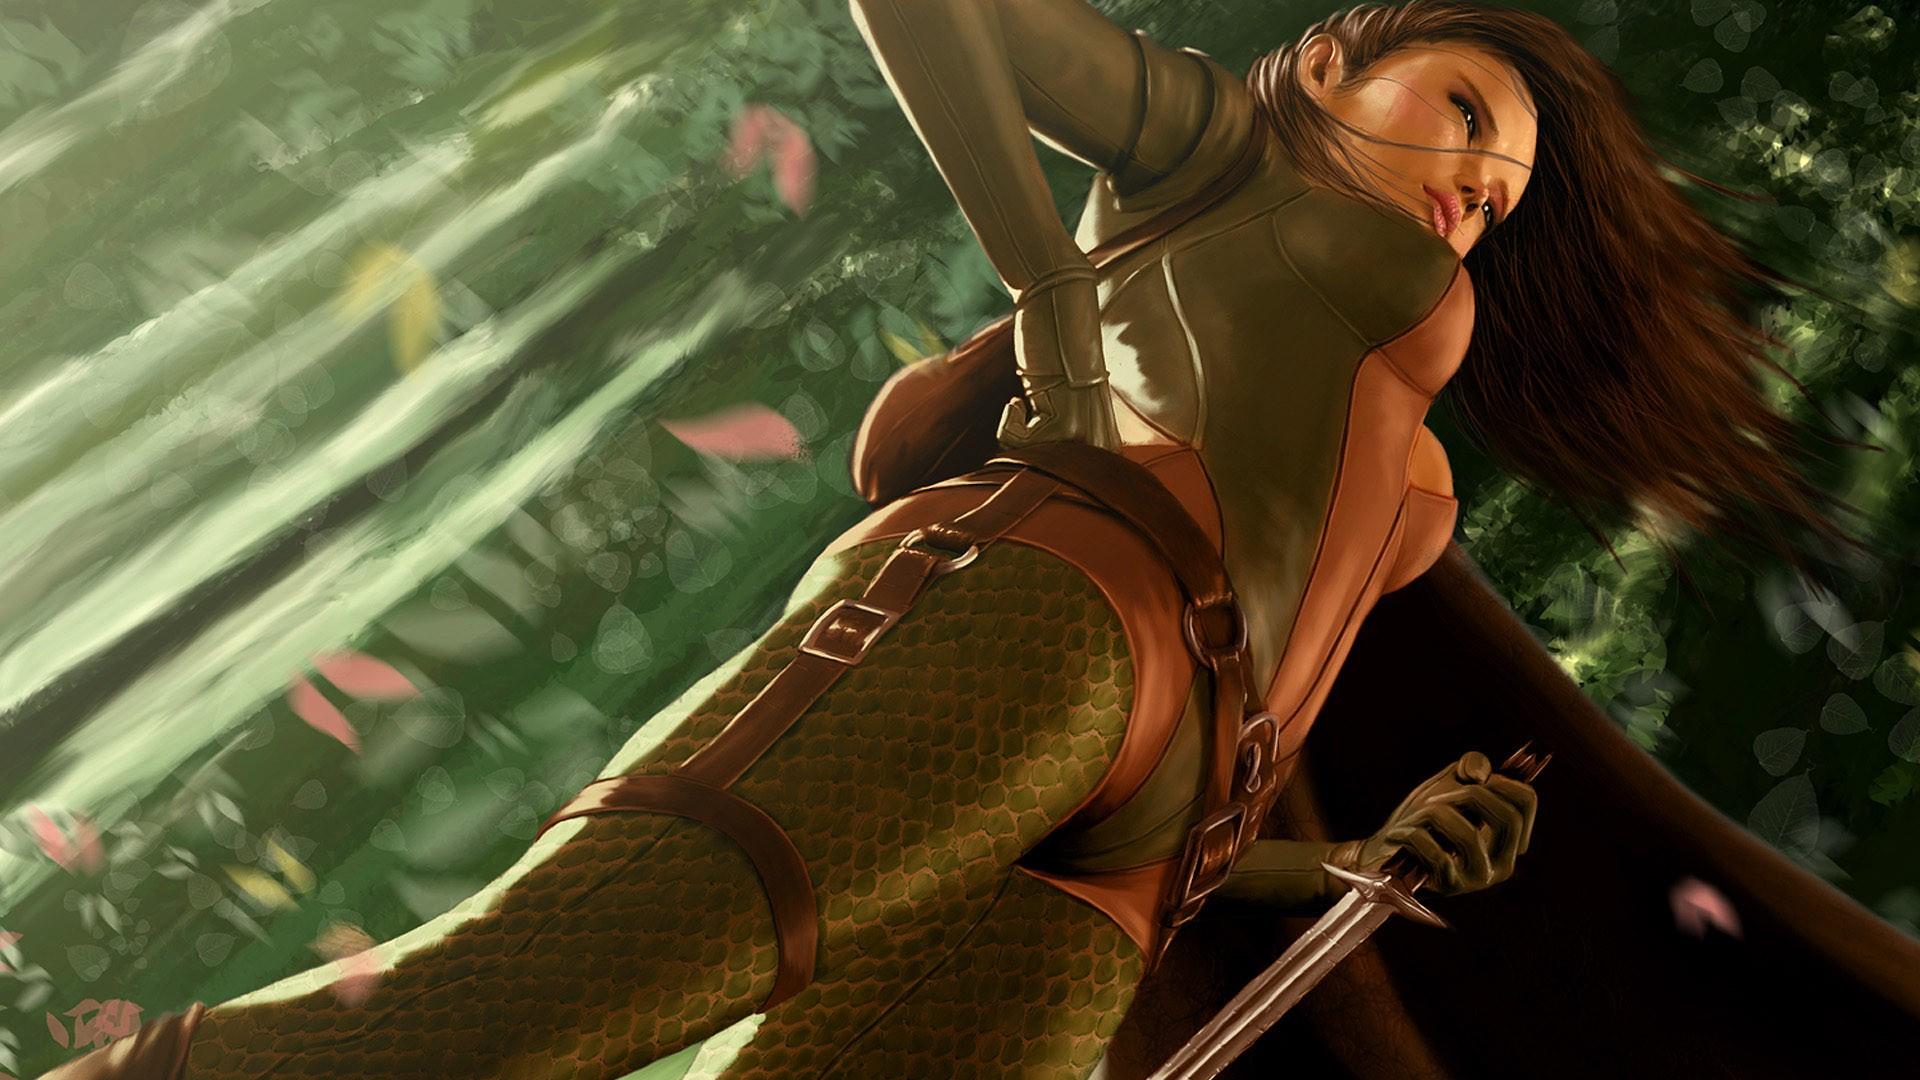 Gallery sex lara croft vs goblins nackt bizarre sister